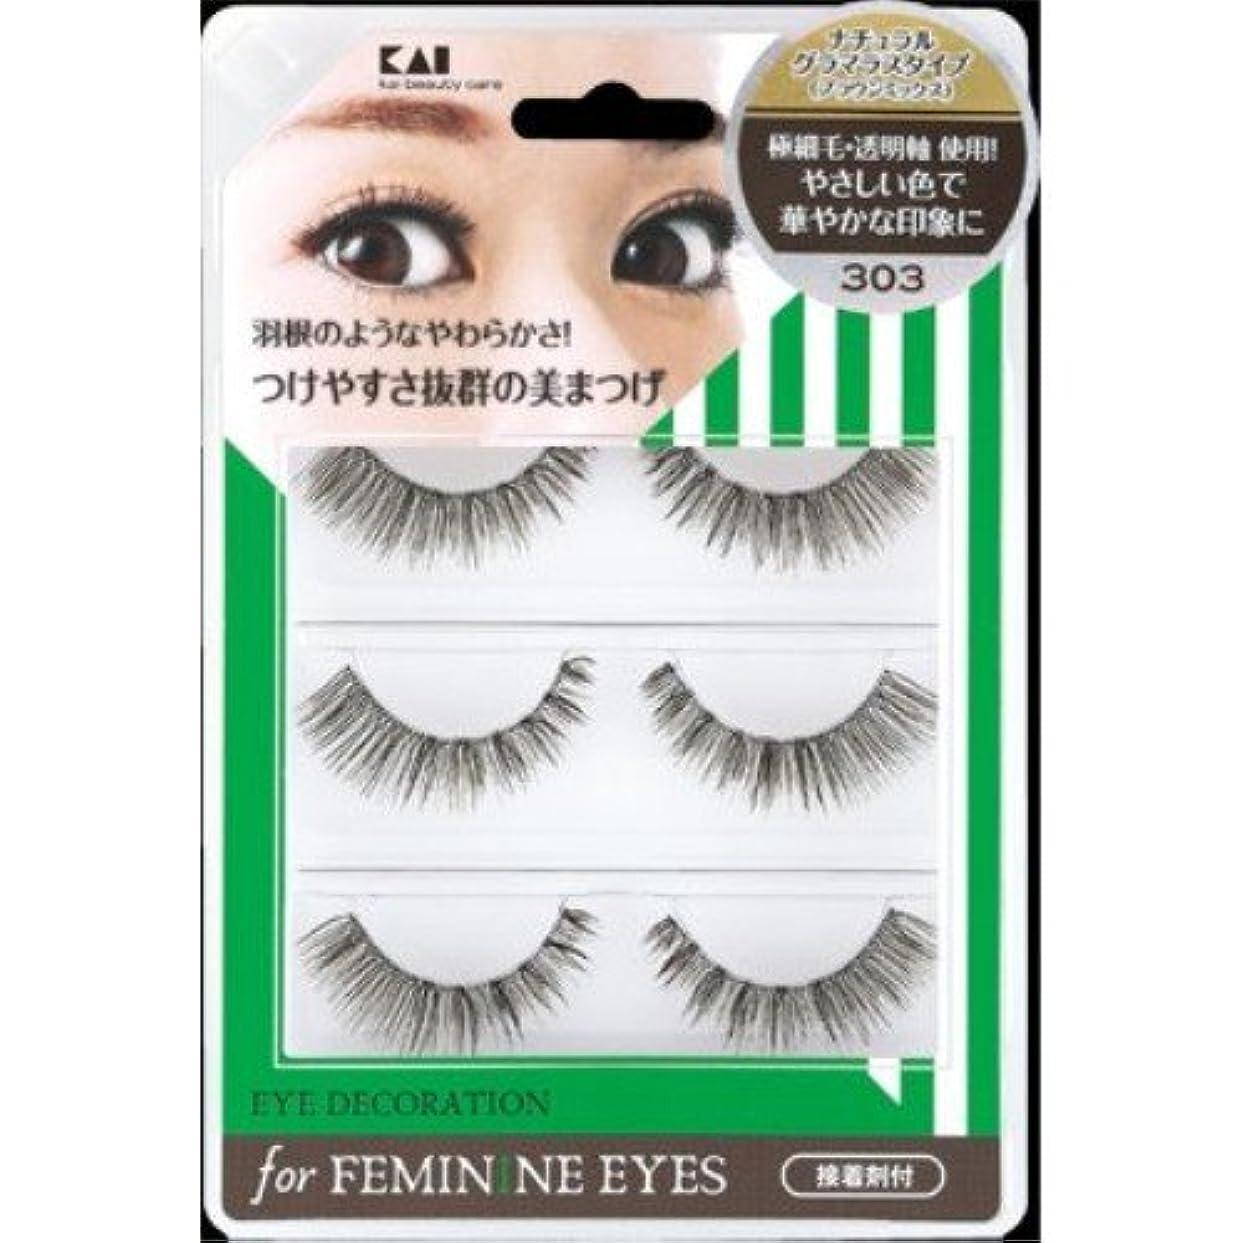 マラソン放棄甘味貝印 アイデコレーション for feminine eyes 303 HC1563